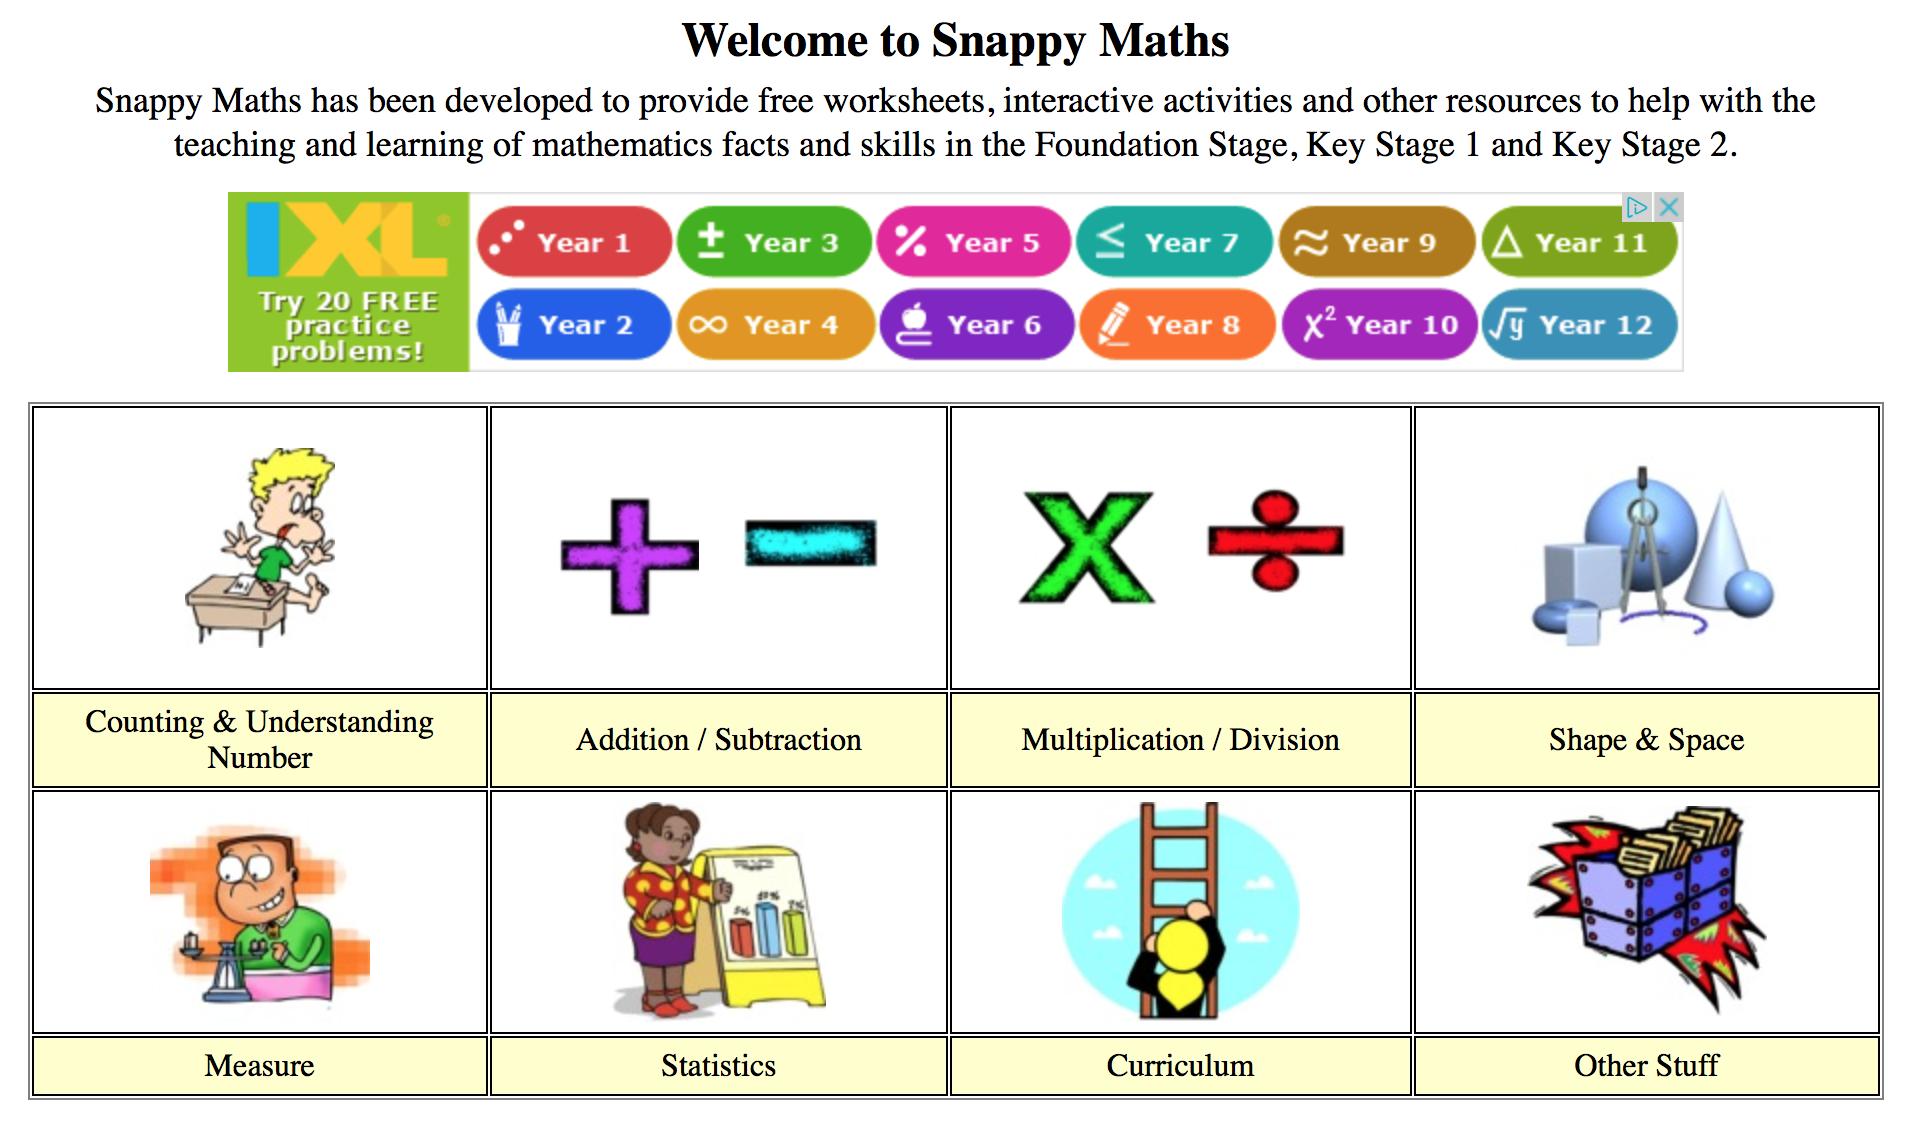 Snappymaths